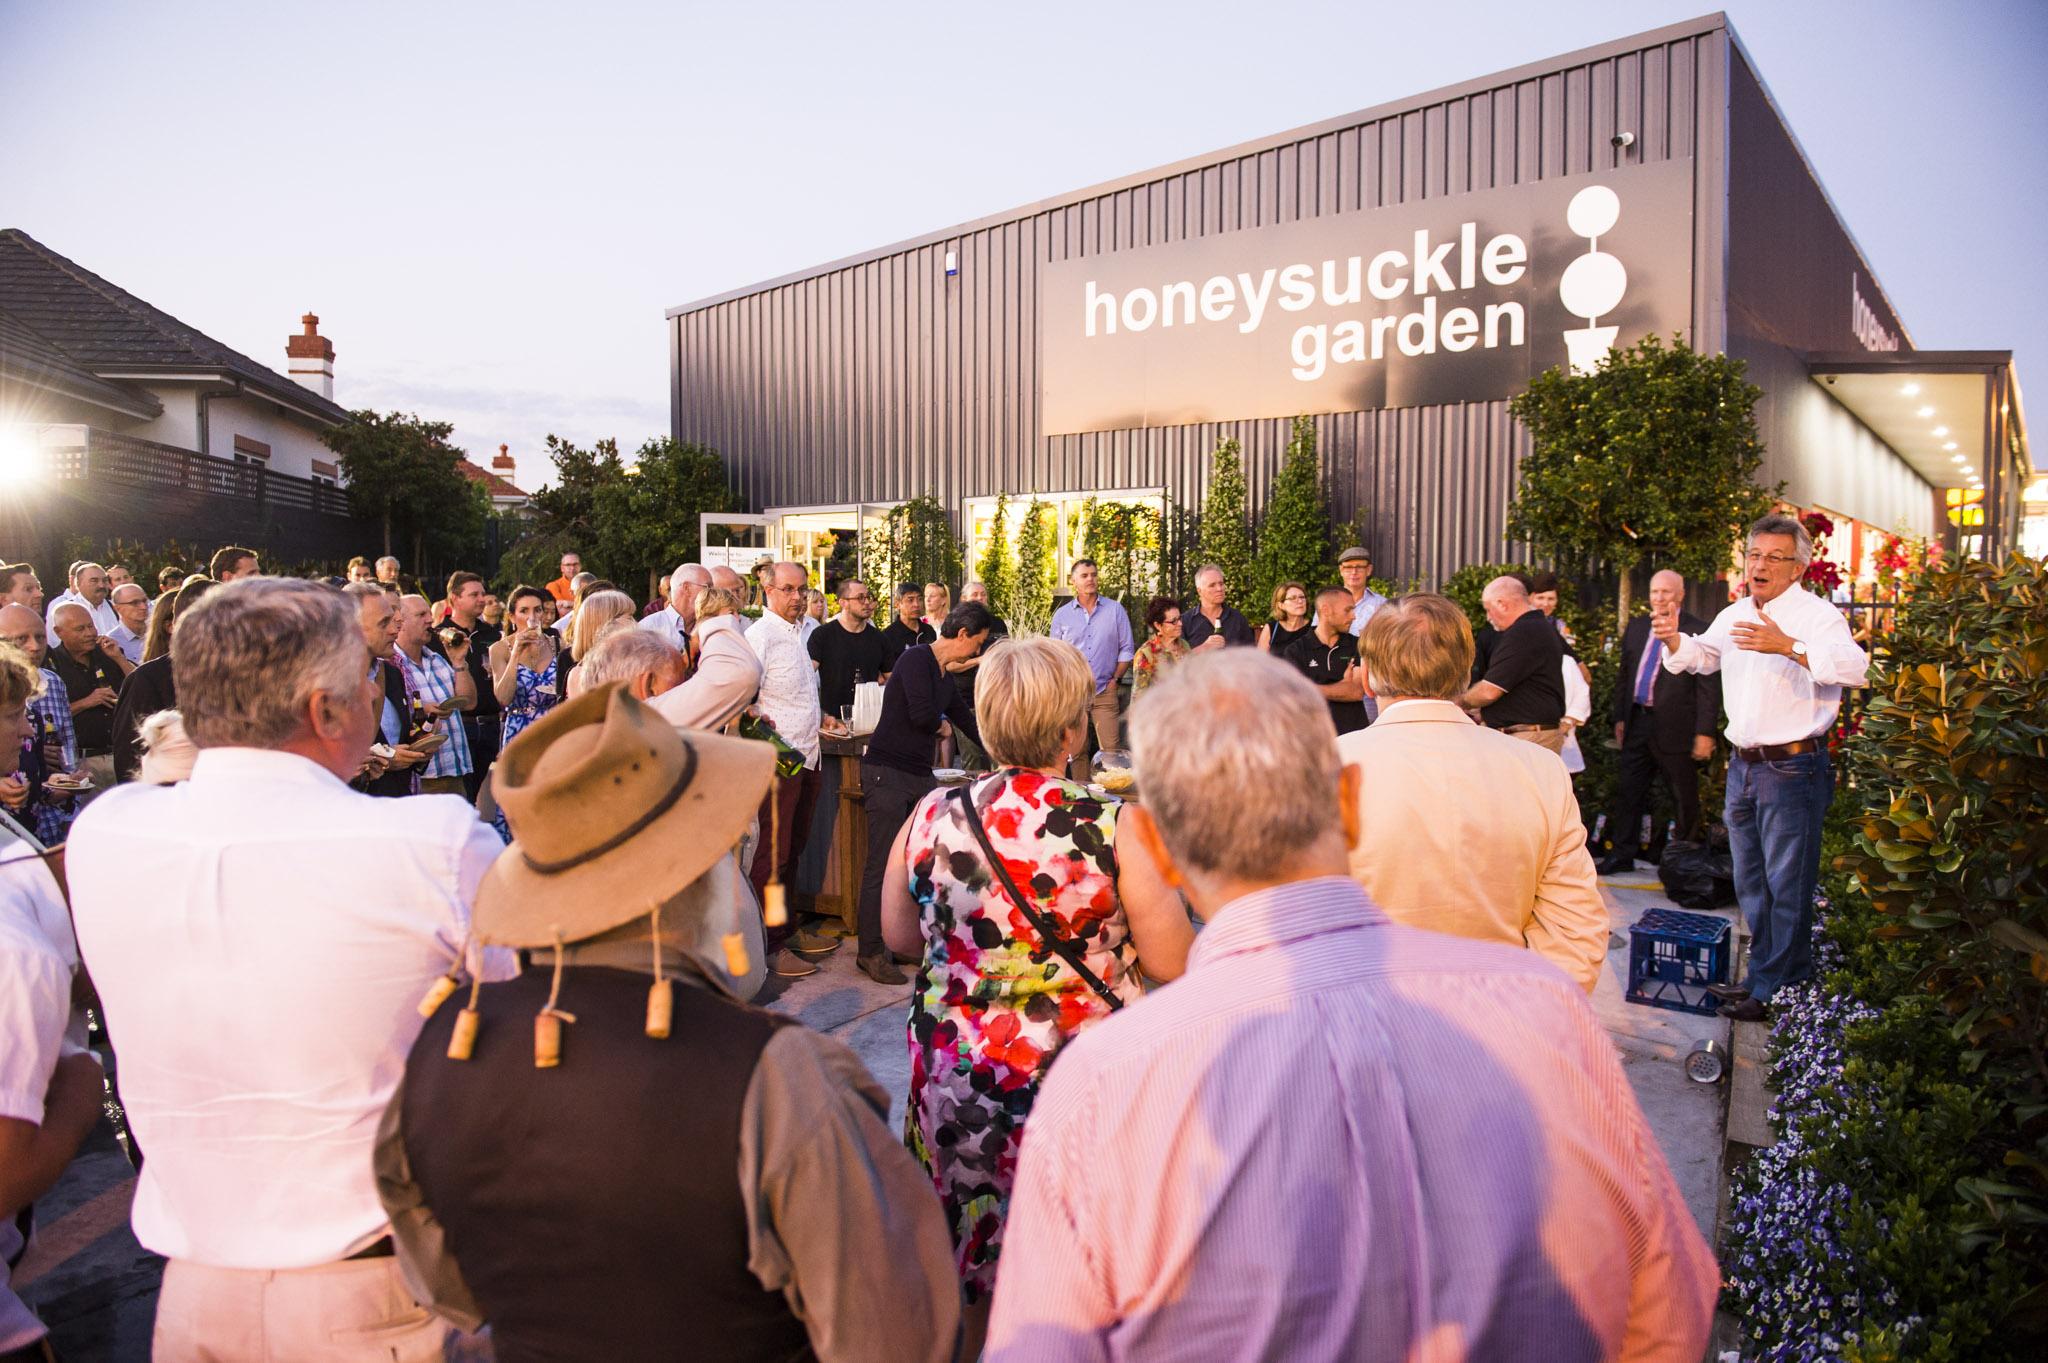 151016-HoneySuckleGarden-Event-WebRes-2387.jpg